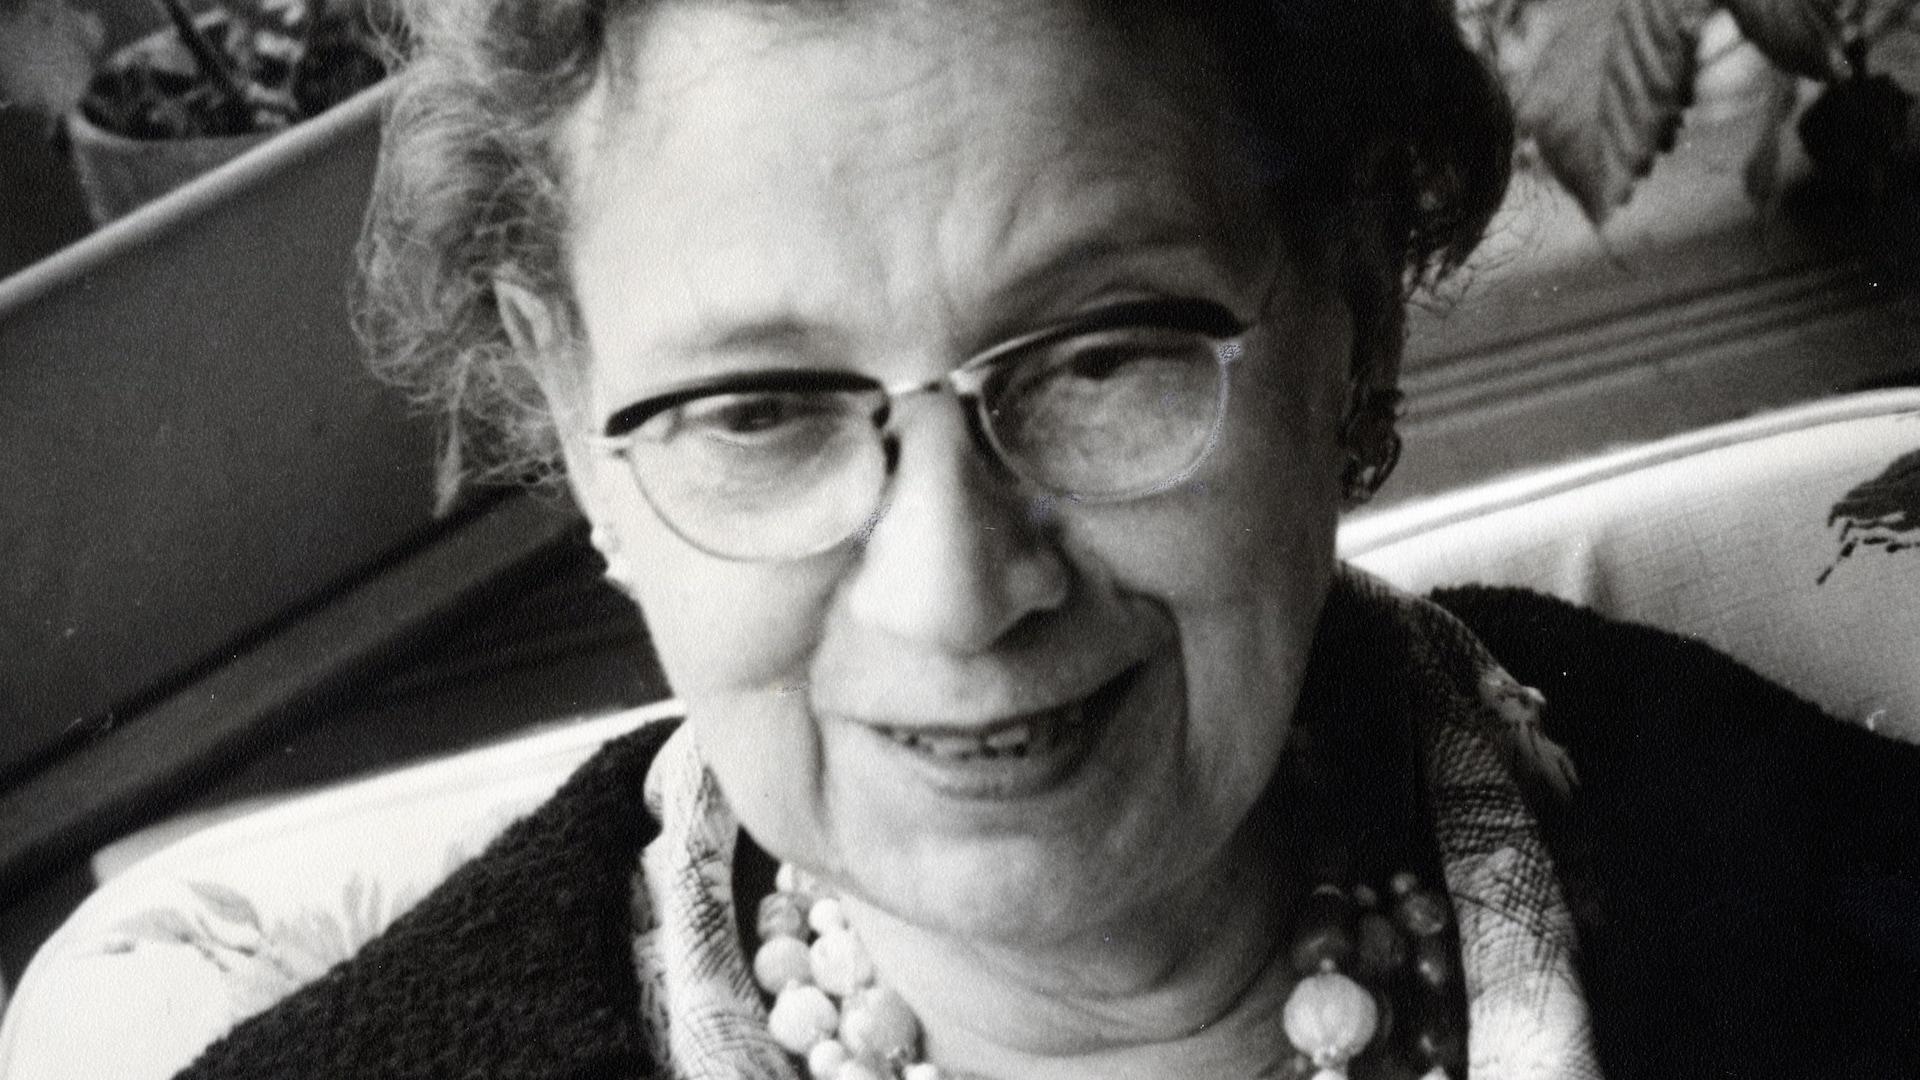 Élève de Gabriel Fauré, Yvonne Hubert a formé à Montréal les meilleurs musiciens jusqu'à sa mort en 1988